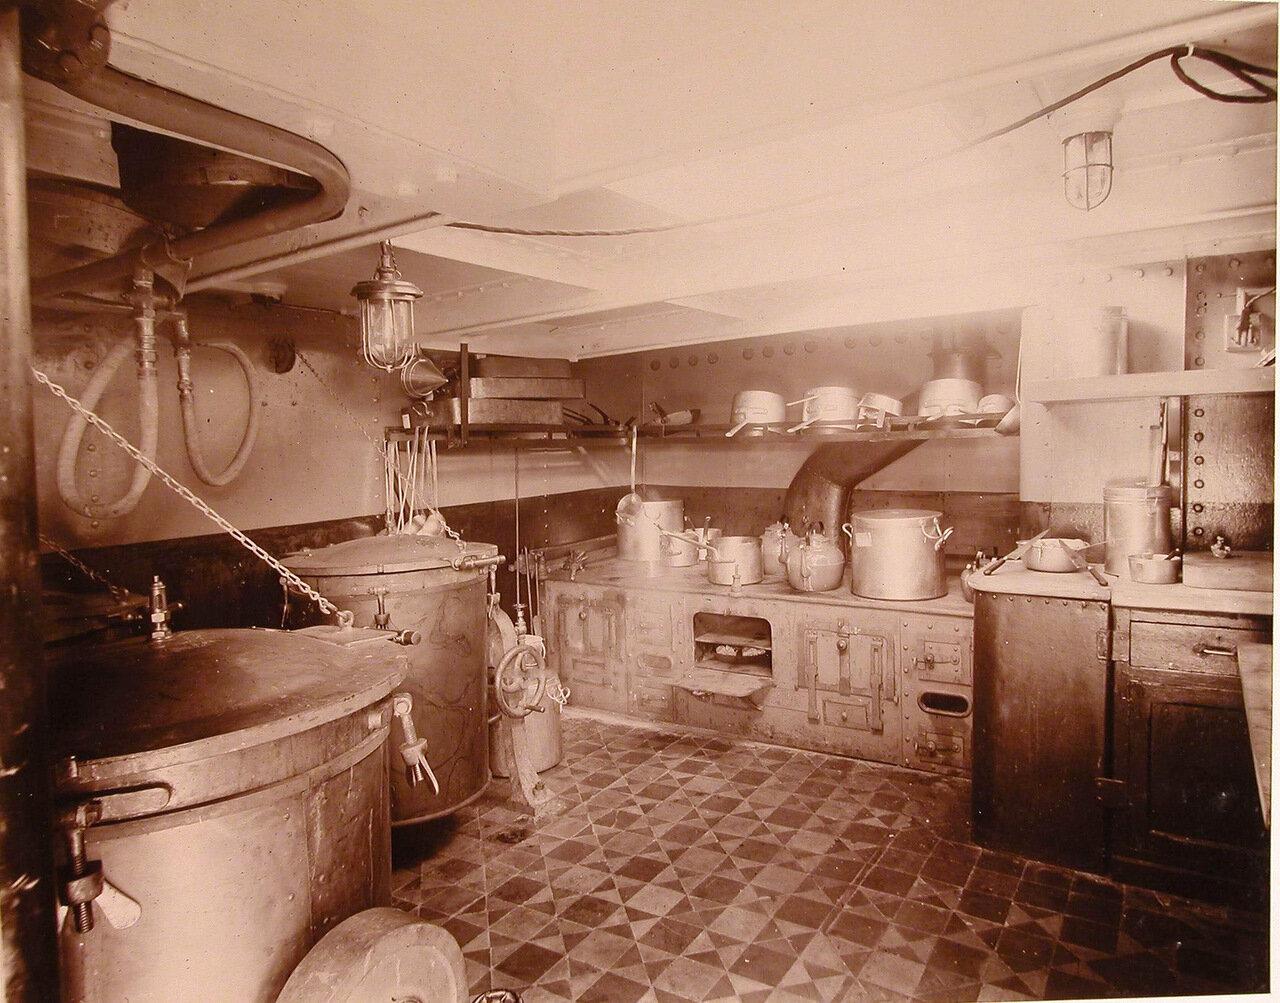 28. Вид части кухни (камбуза) с котлами системы Совера, устроенной в одном из помещений плавучего госпиталя Орёл